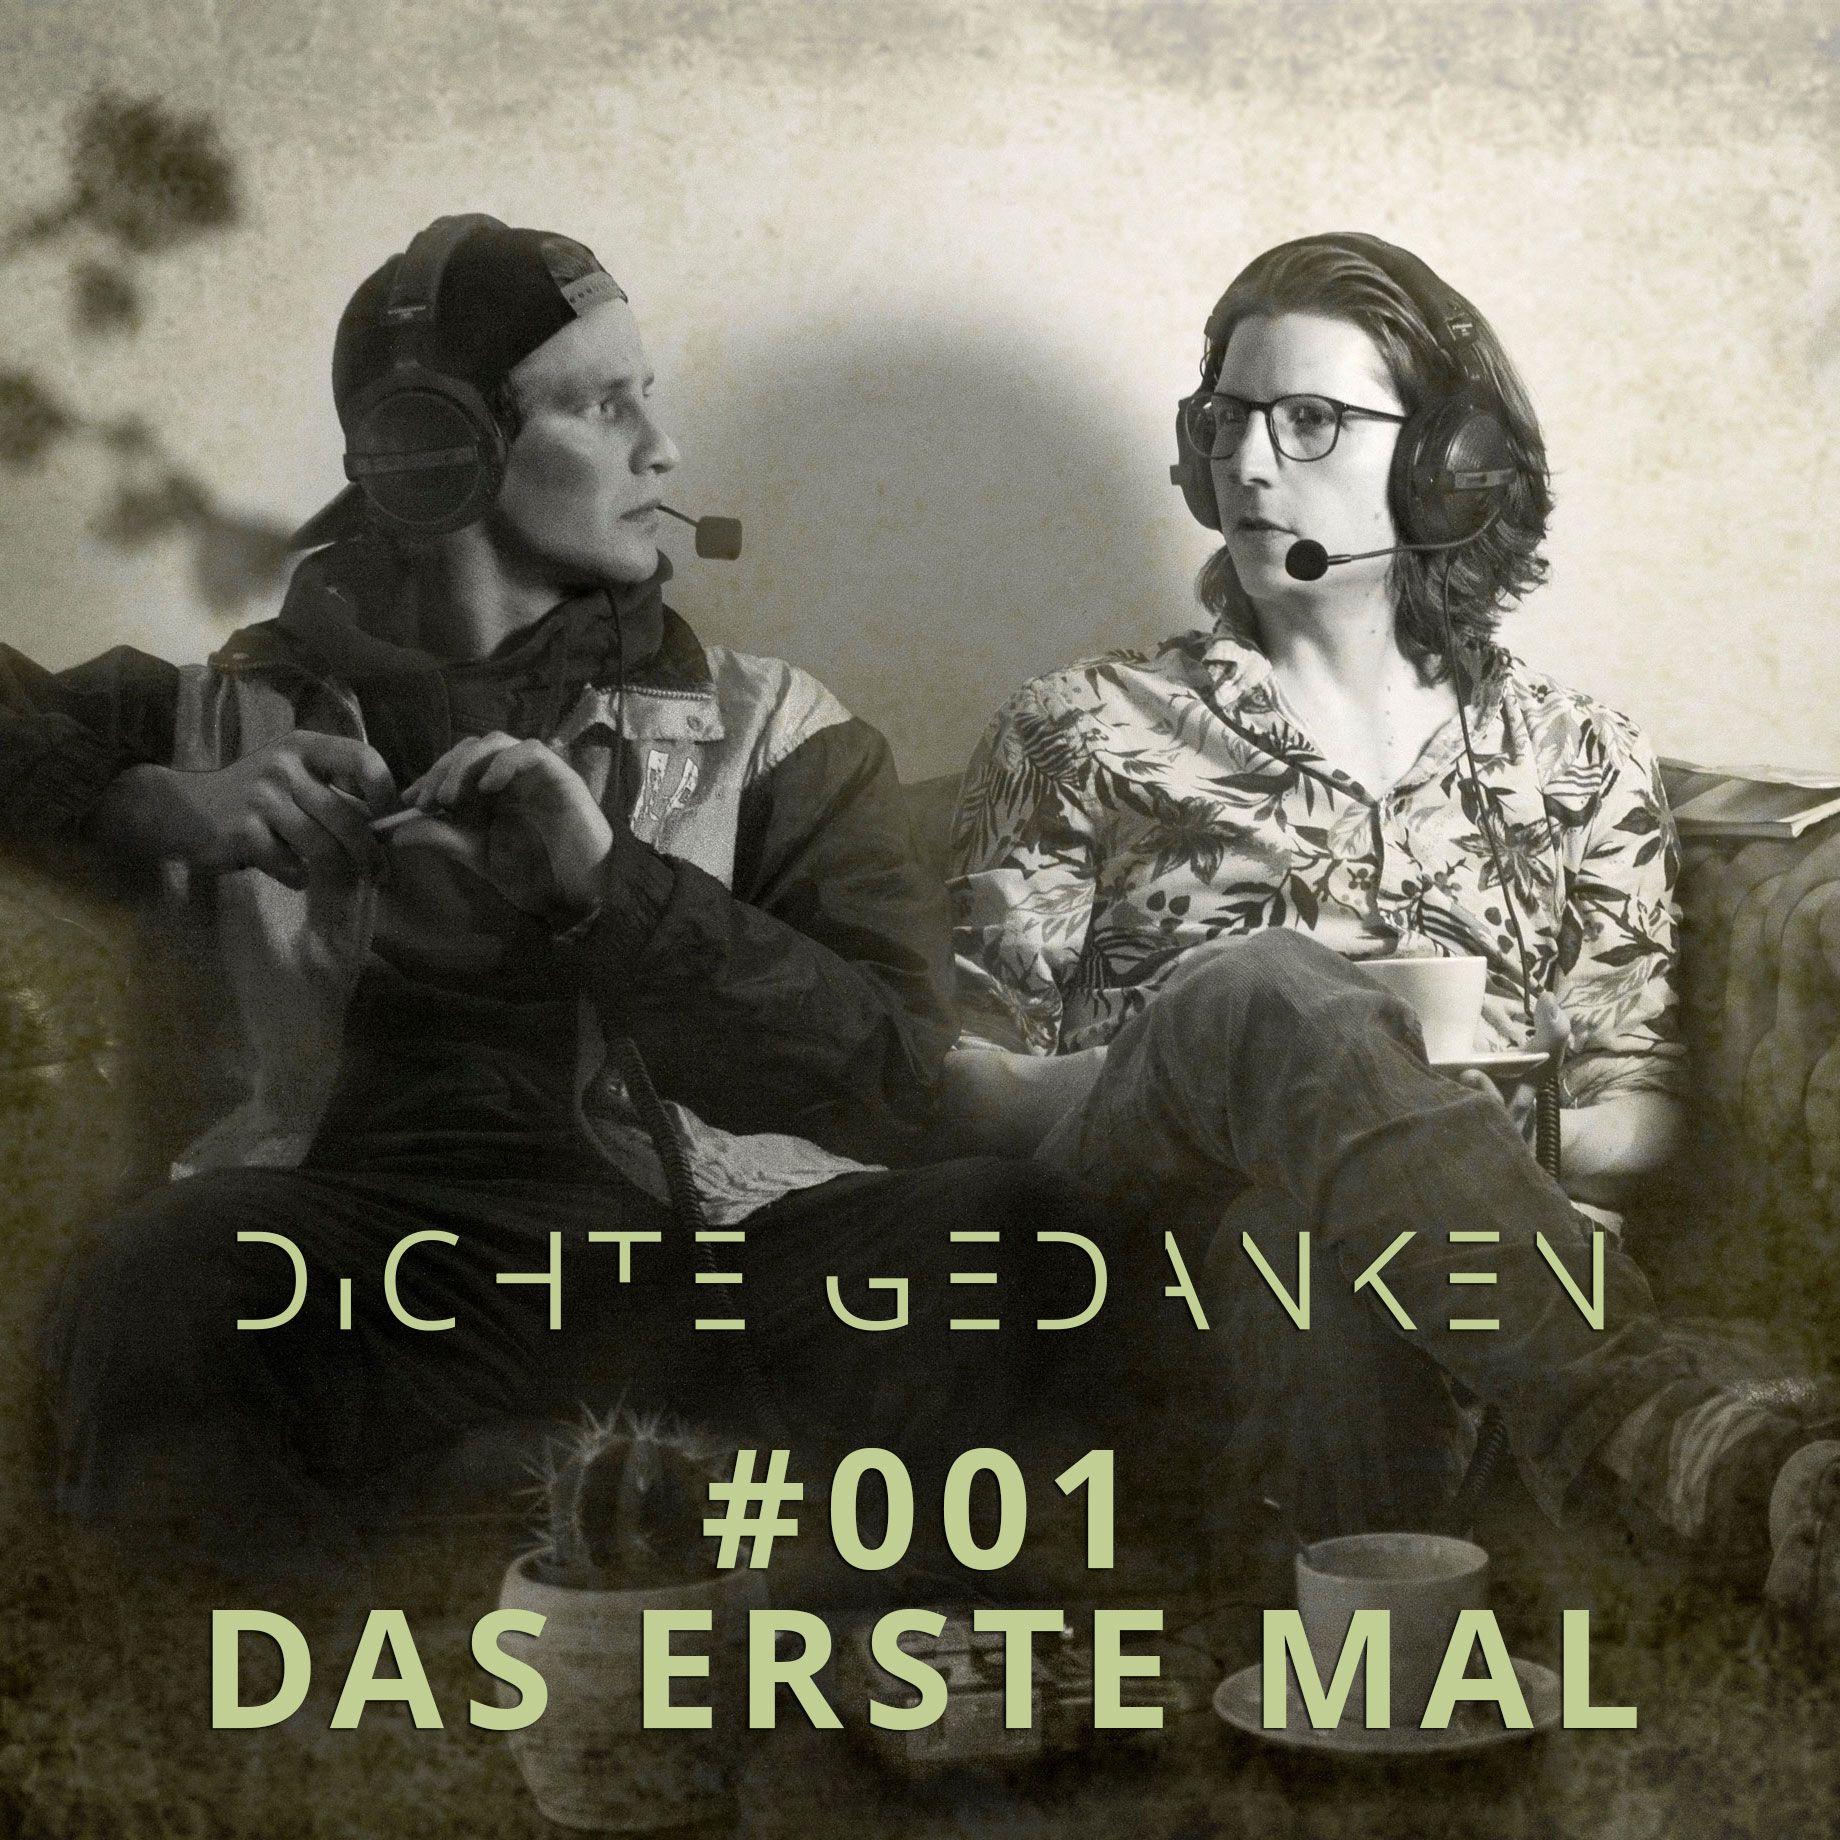 001 - Das erste Mal | DICHTE GEDANKEN POTCAST